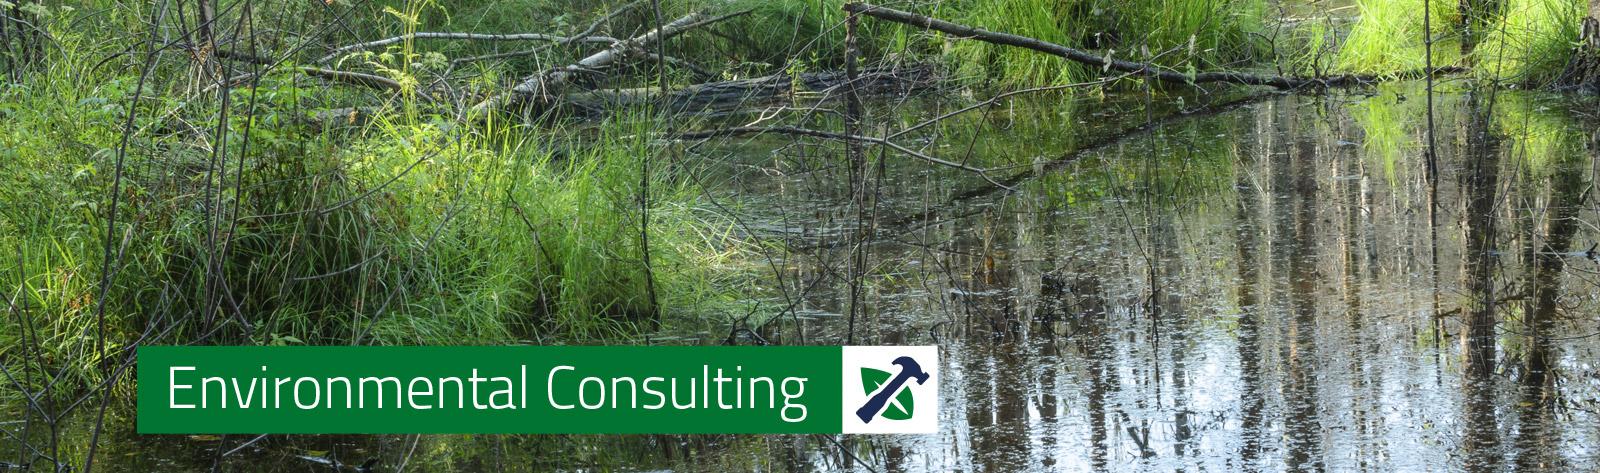 EnviroConsulting-Header